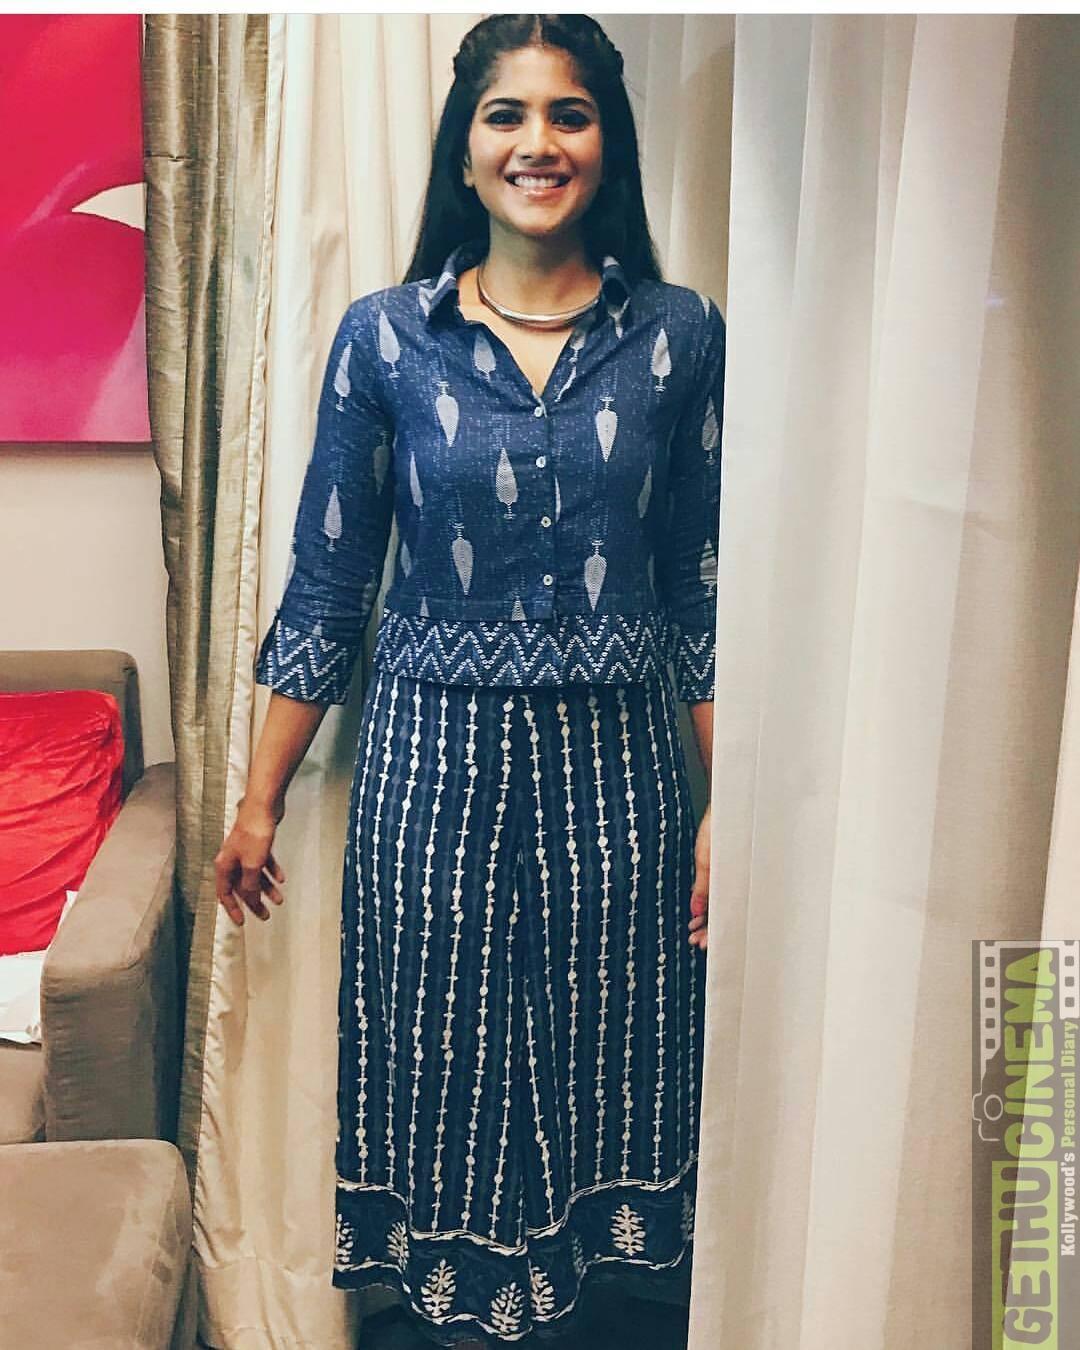 Pakka Tamil Hd Movies: Actress Megha Akash 2017 Photos